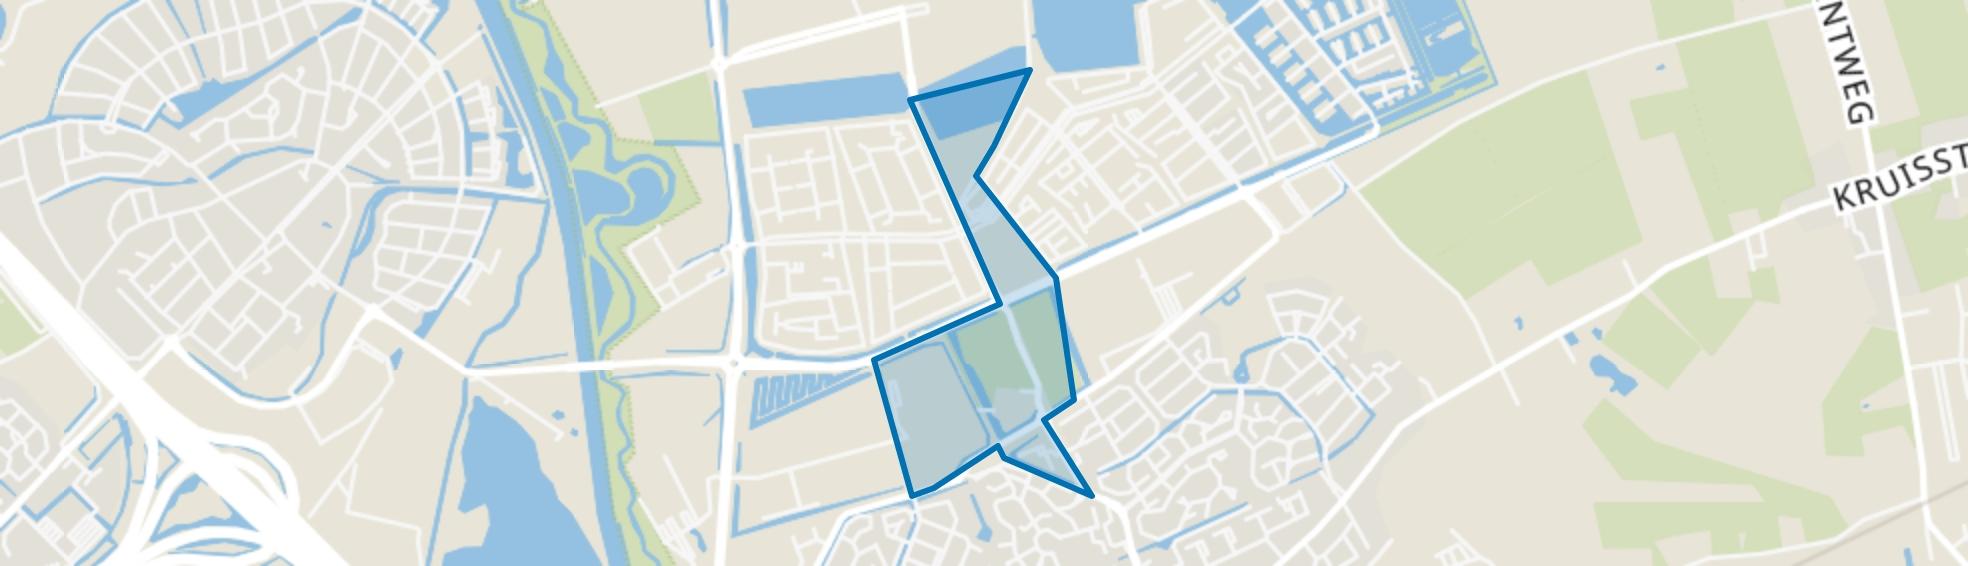 Vlietdijk, Rosmalen map